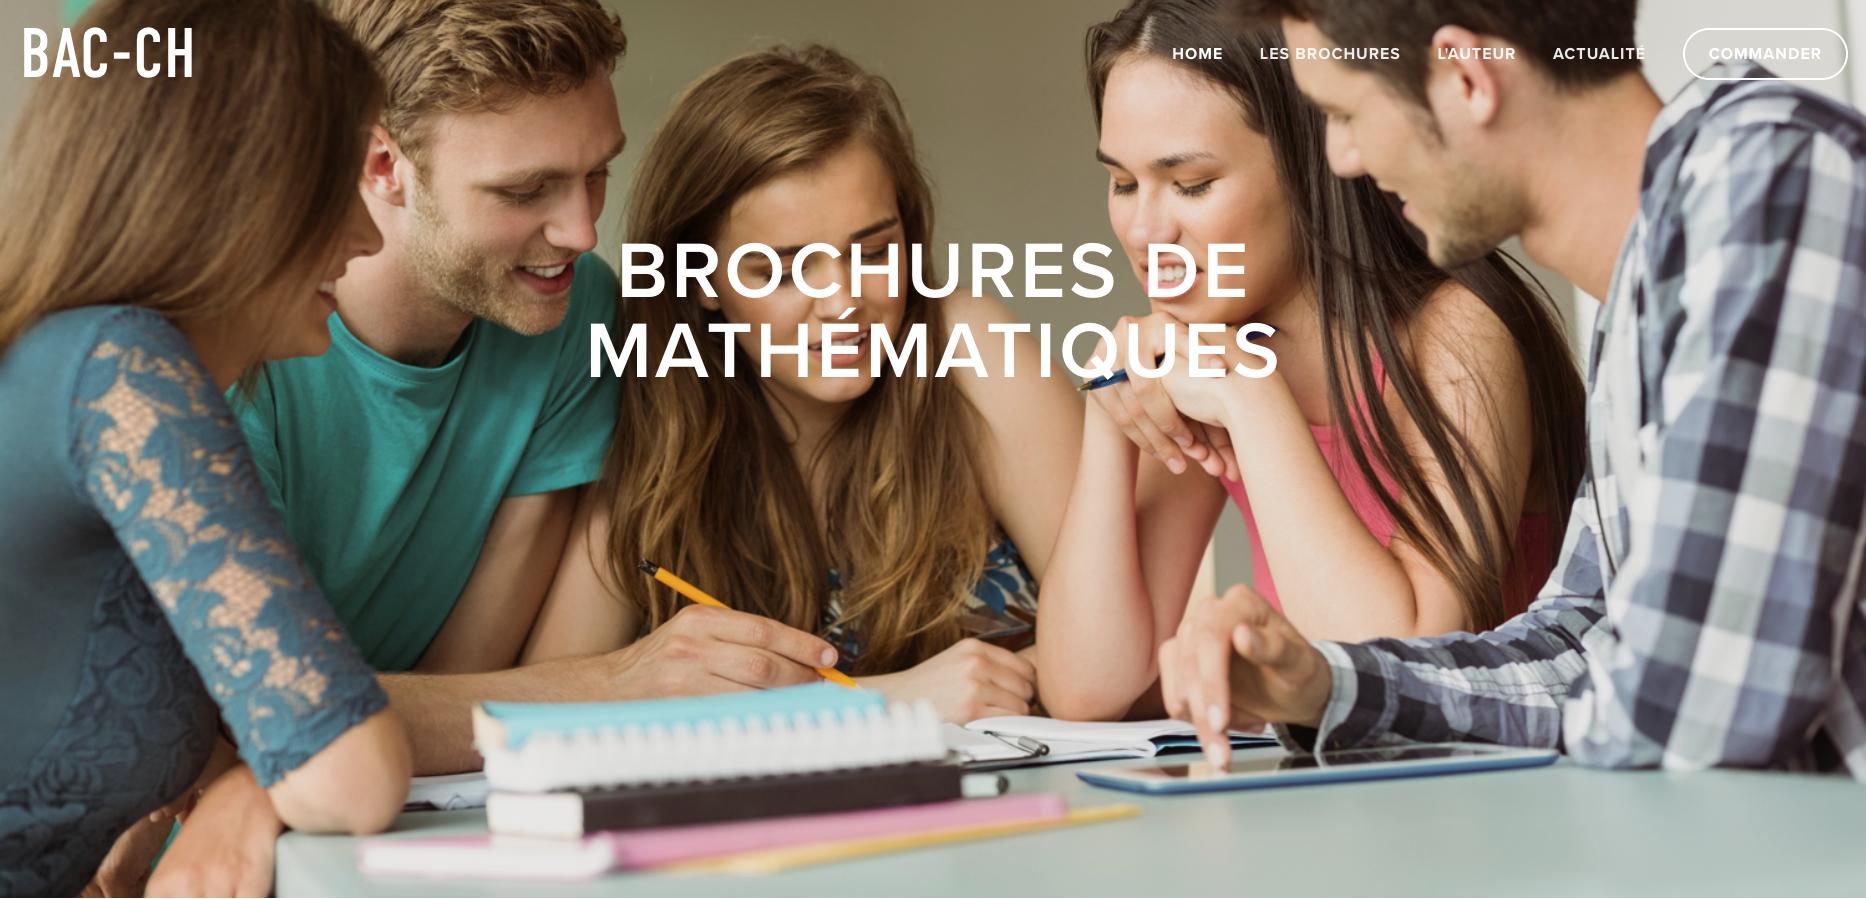 BAC-CH, brochures d'exercices de mathématiques